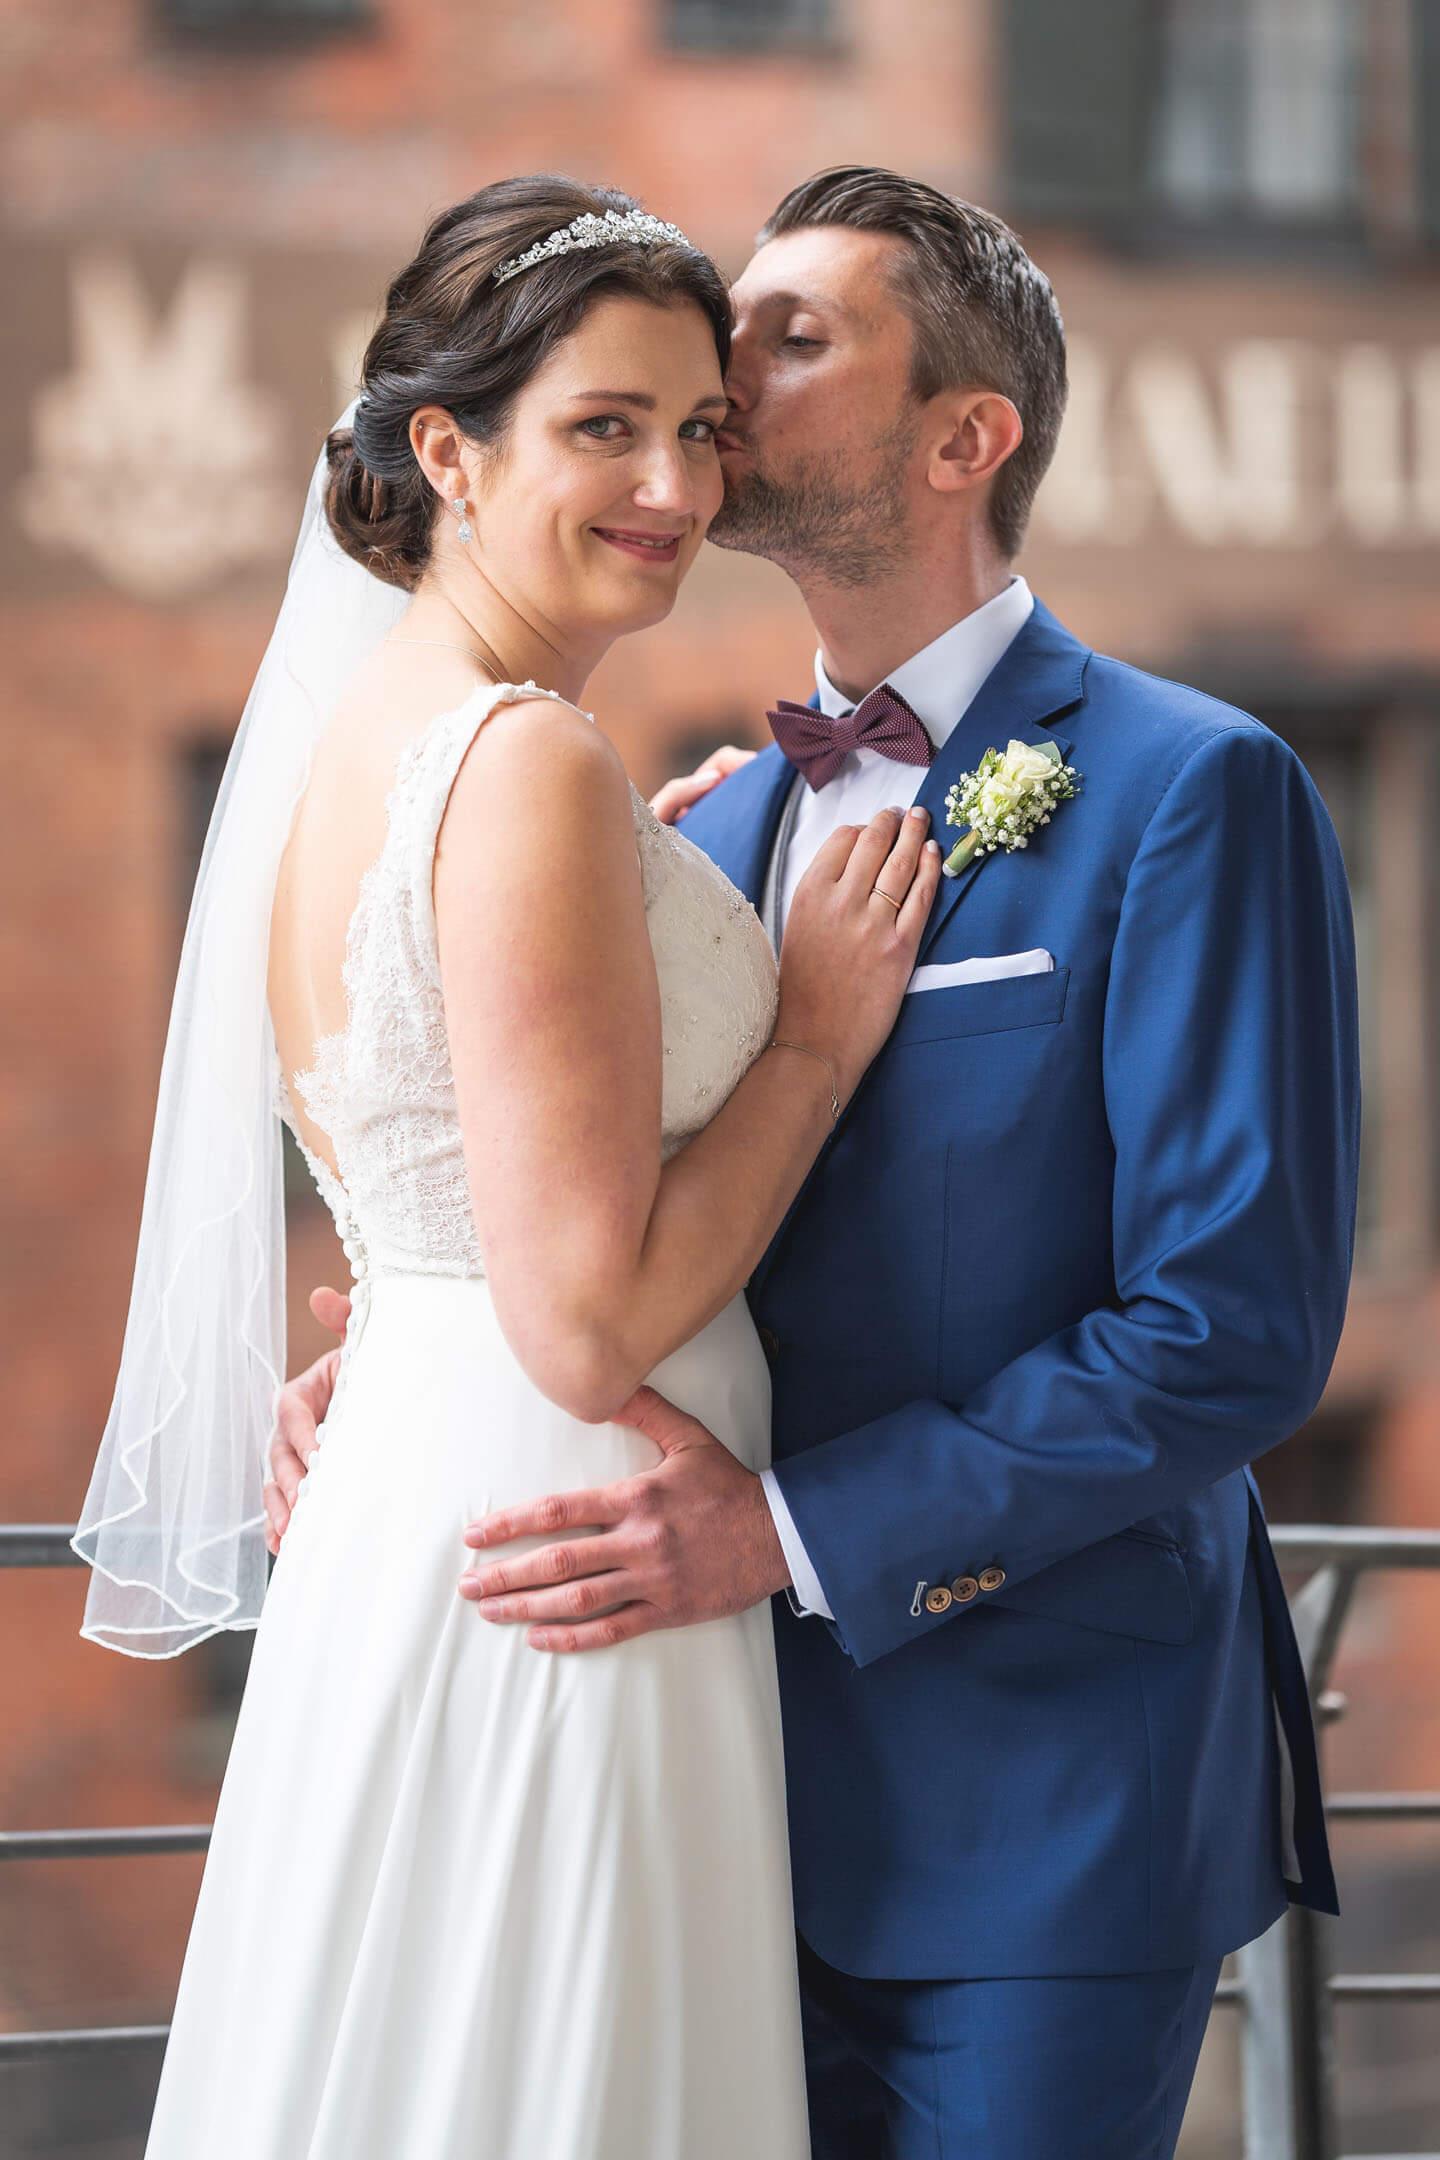 Hochzeitsfoto in der Hamburger Innenstadt.